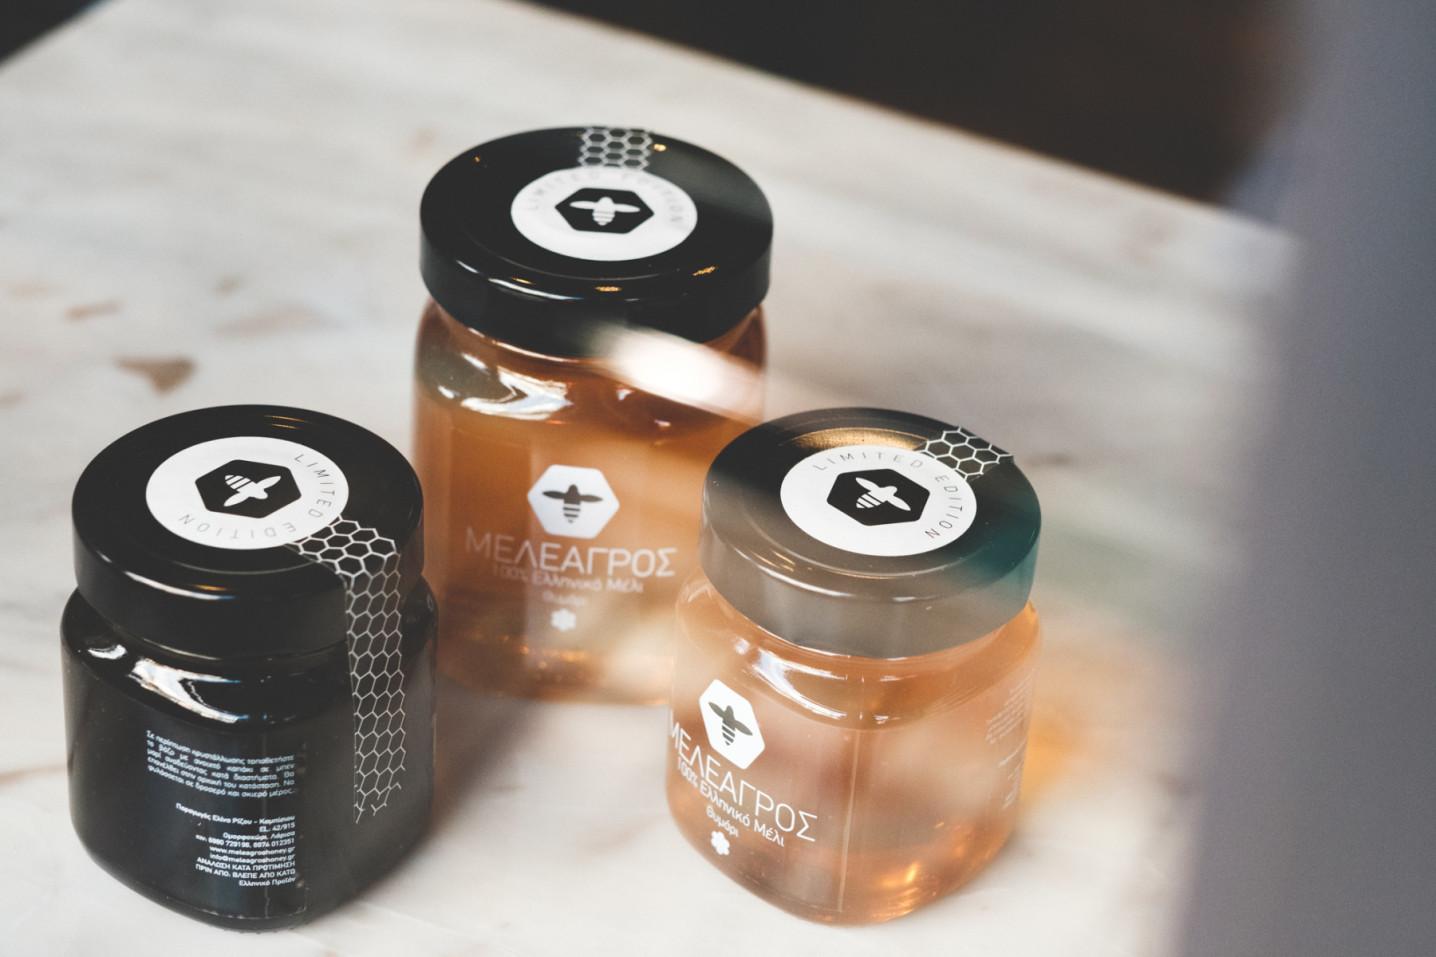 Μέλι Μελέαγρος | Meleagros Honey